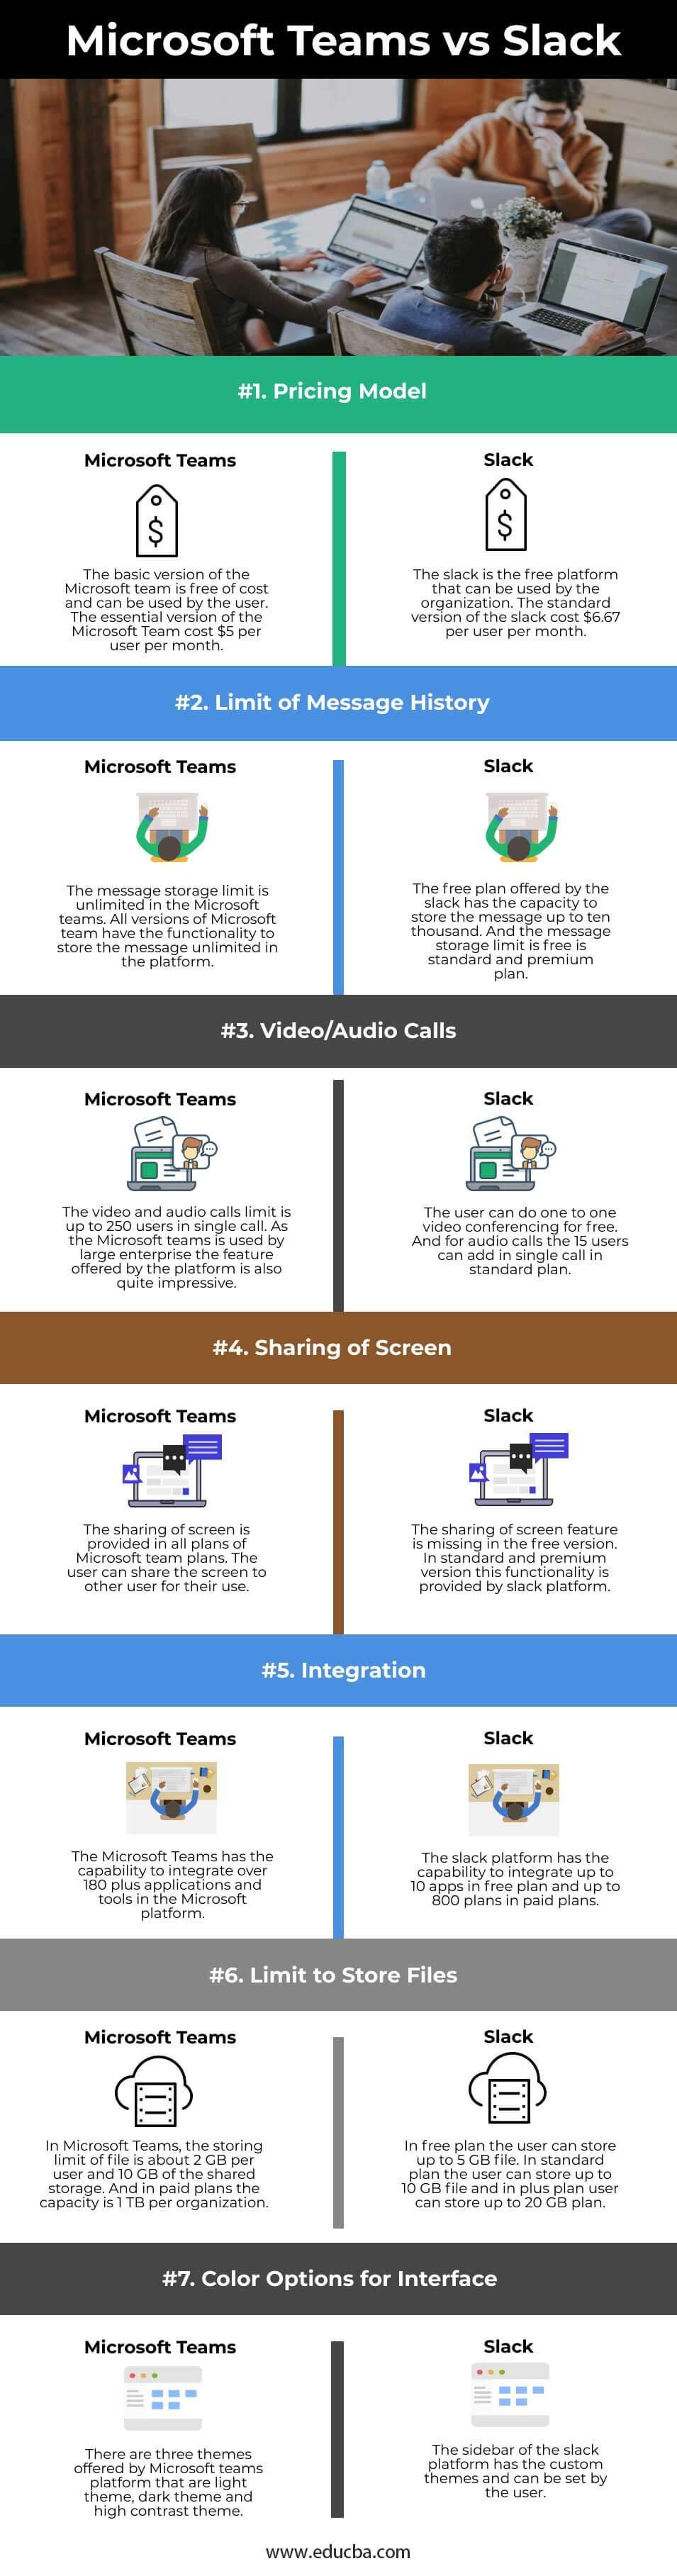 Microsoft-Teams-vs-Slack-info